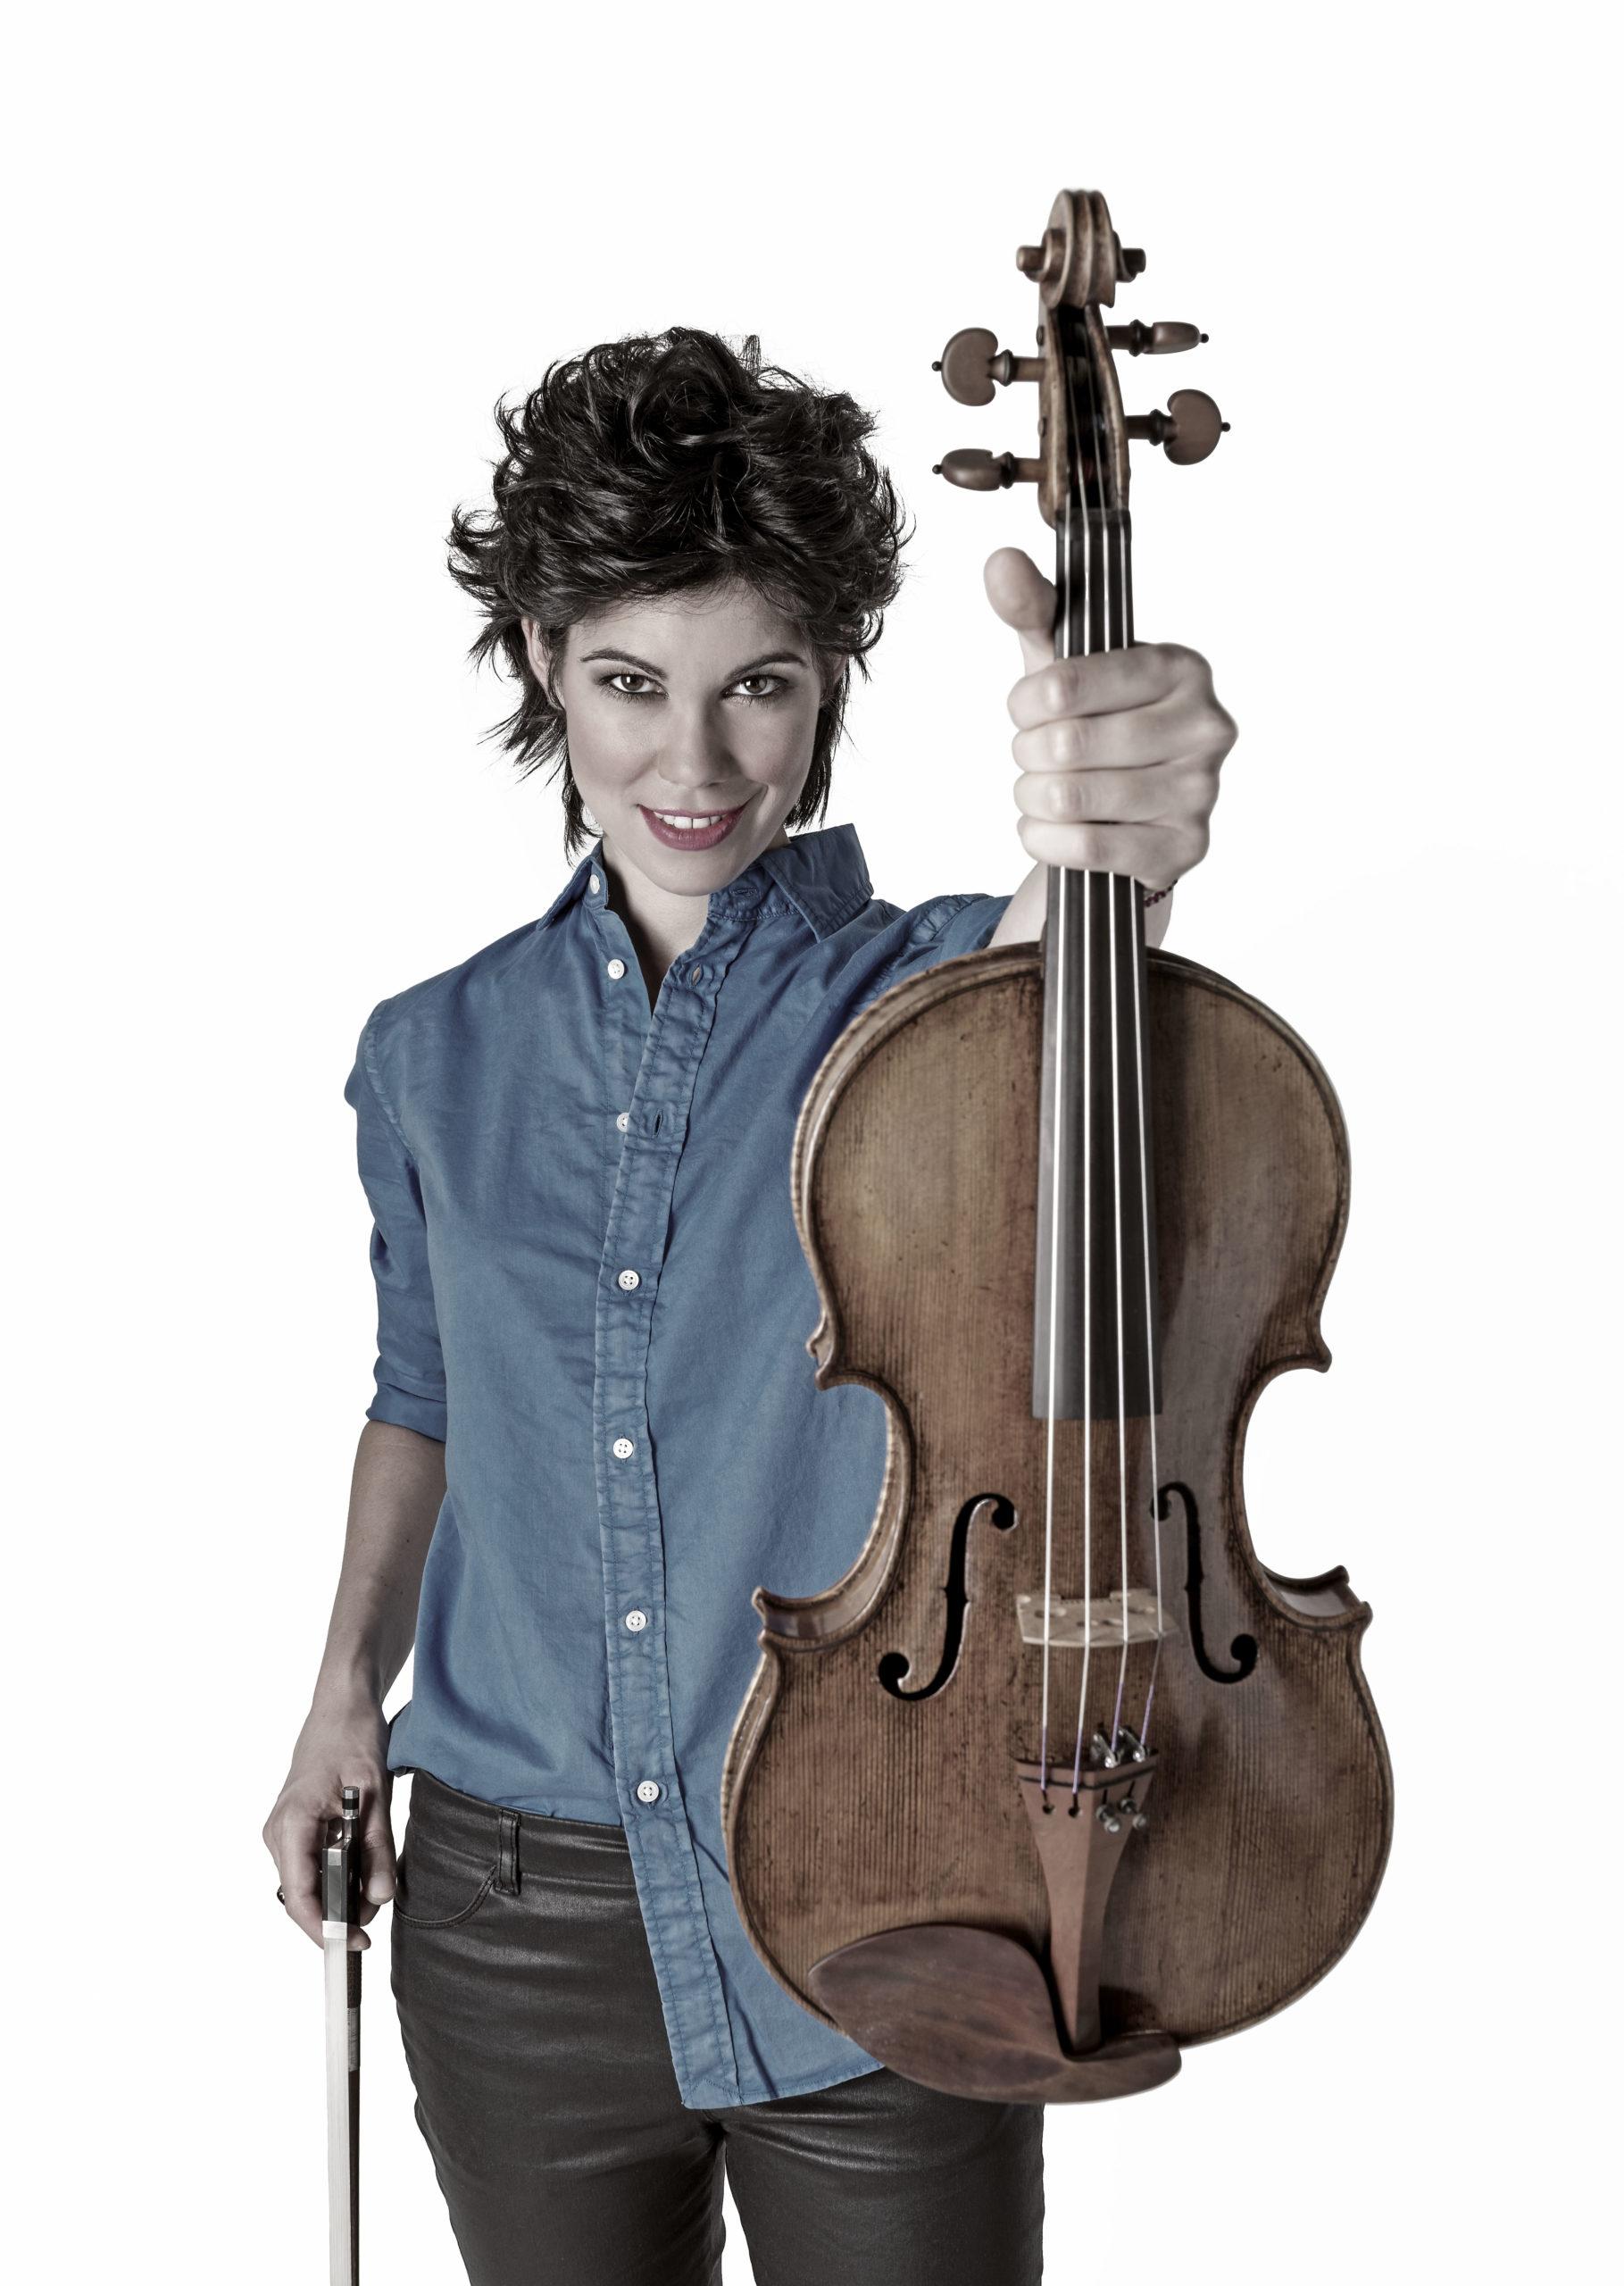 Isabel Villanueva Viola solista con la Joven Orquesta de la Comunidad de Madrid